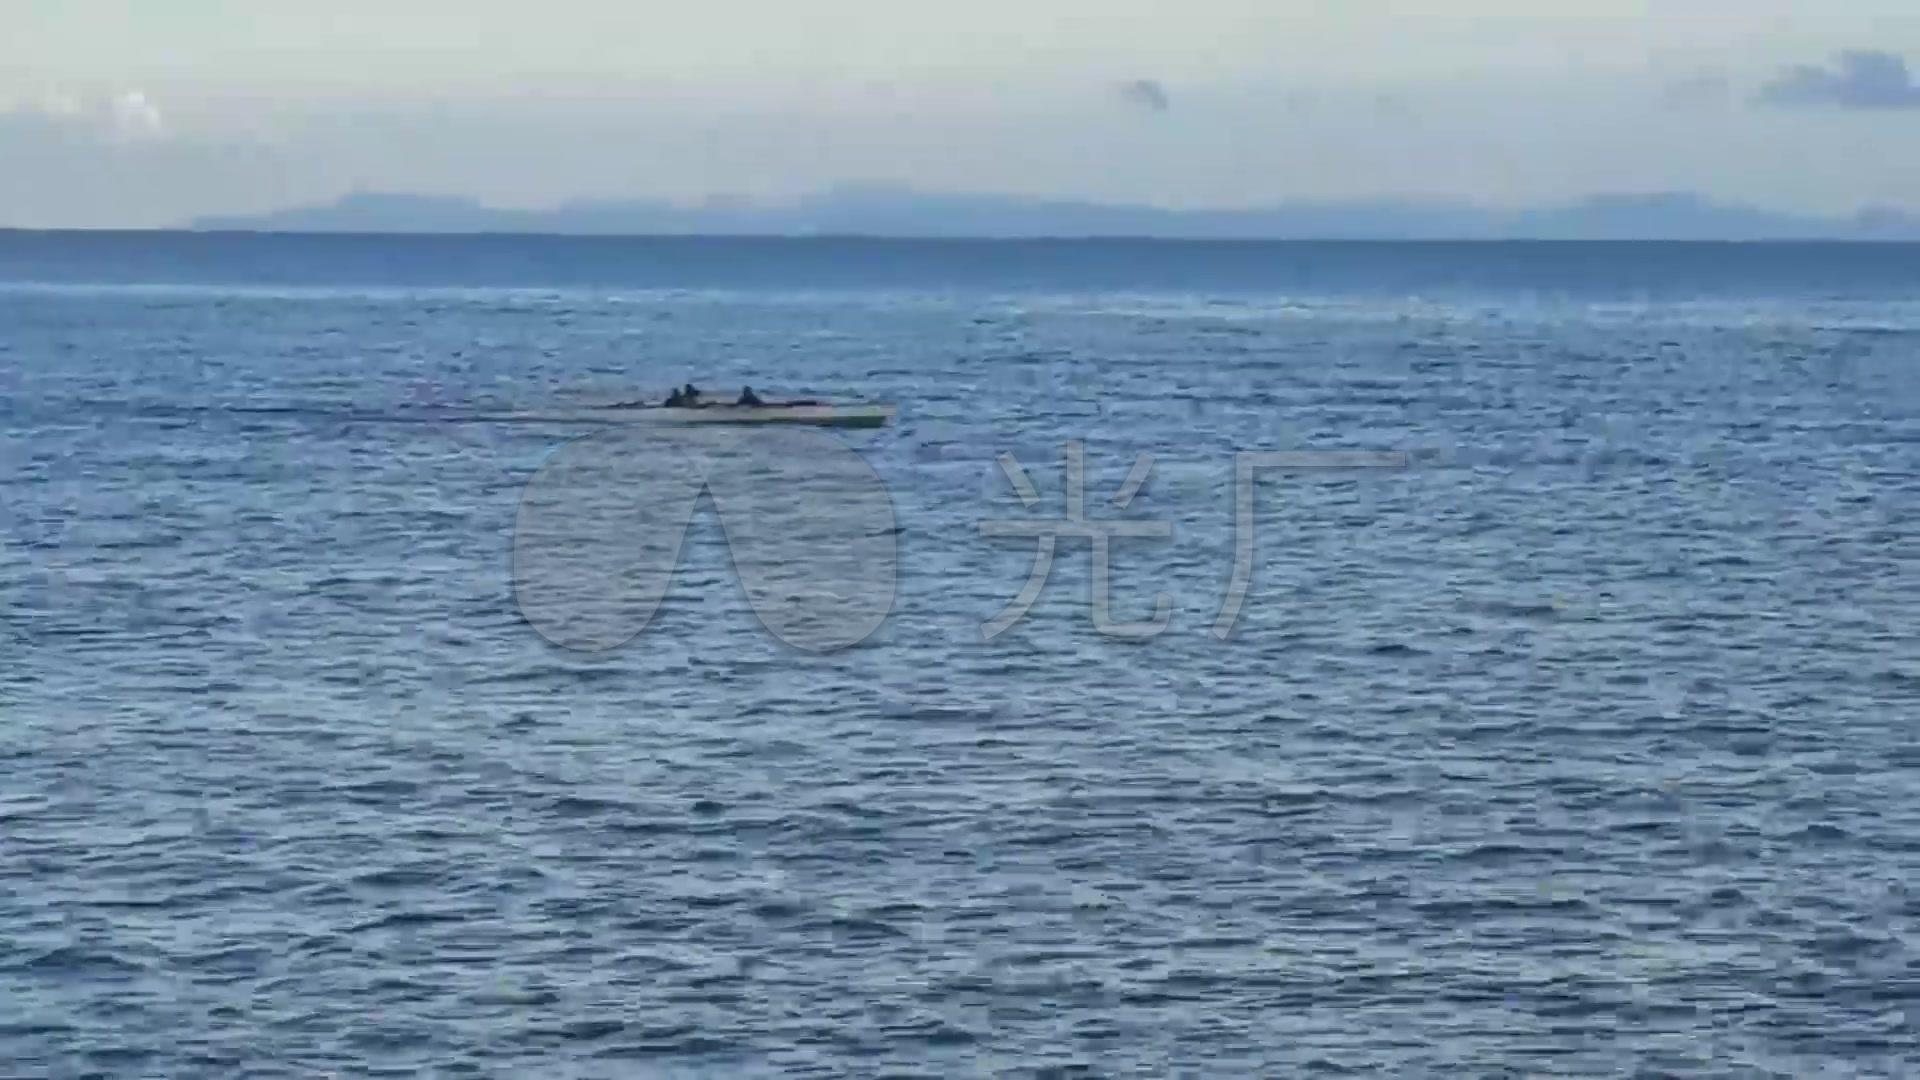 大连视频海滨高清_1920X1080_素材海港城市天猫视频下载图片